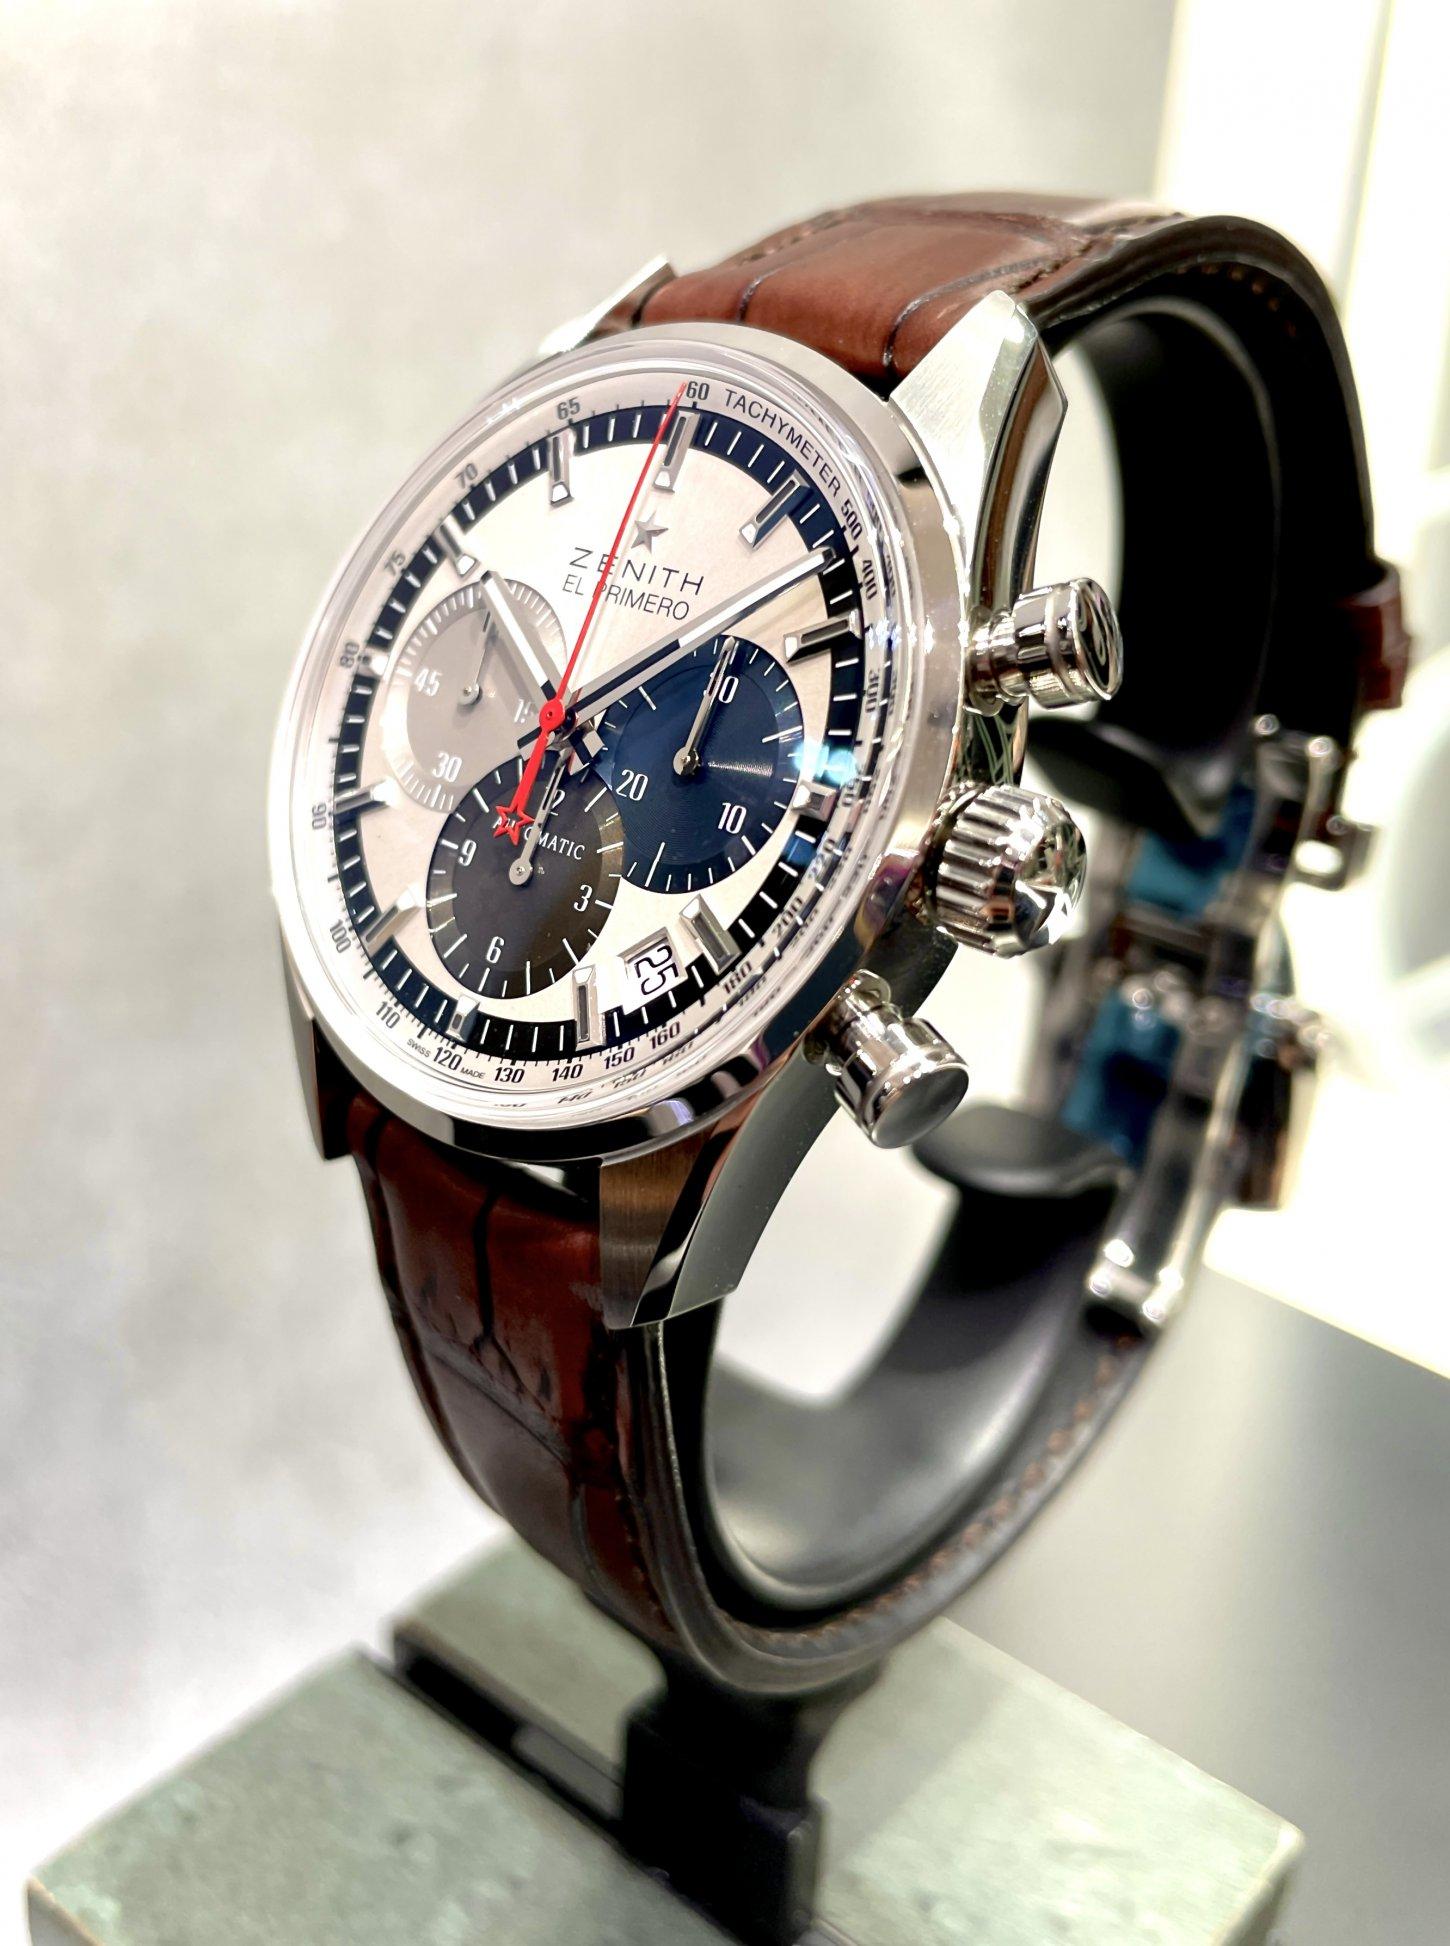 どこか懐かしさも感じる?ヴィンテージモデルのような雰囲気が印象的な『クロノマスター エル・プリメロ 38mm』 - CHRONOMASTER |IMG_5353